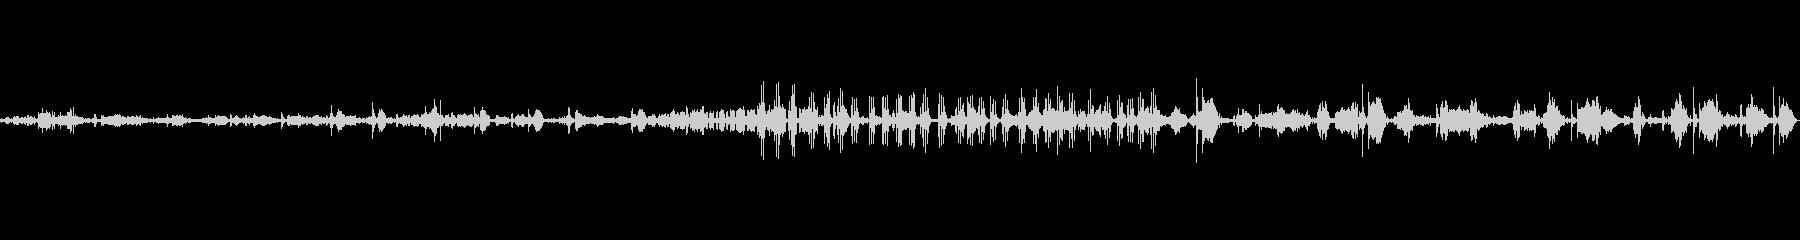 自然 トロピカルリバーライブリーカ...の未再生の波形